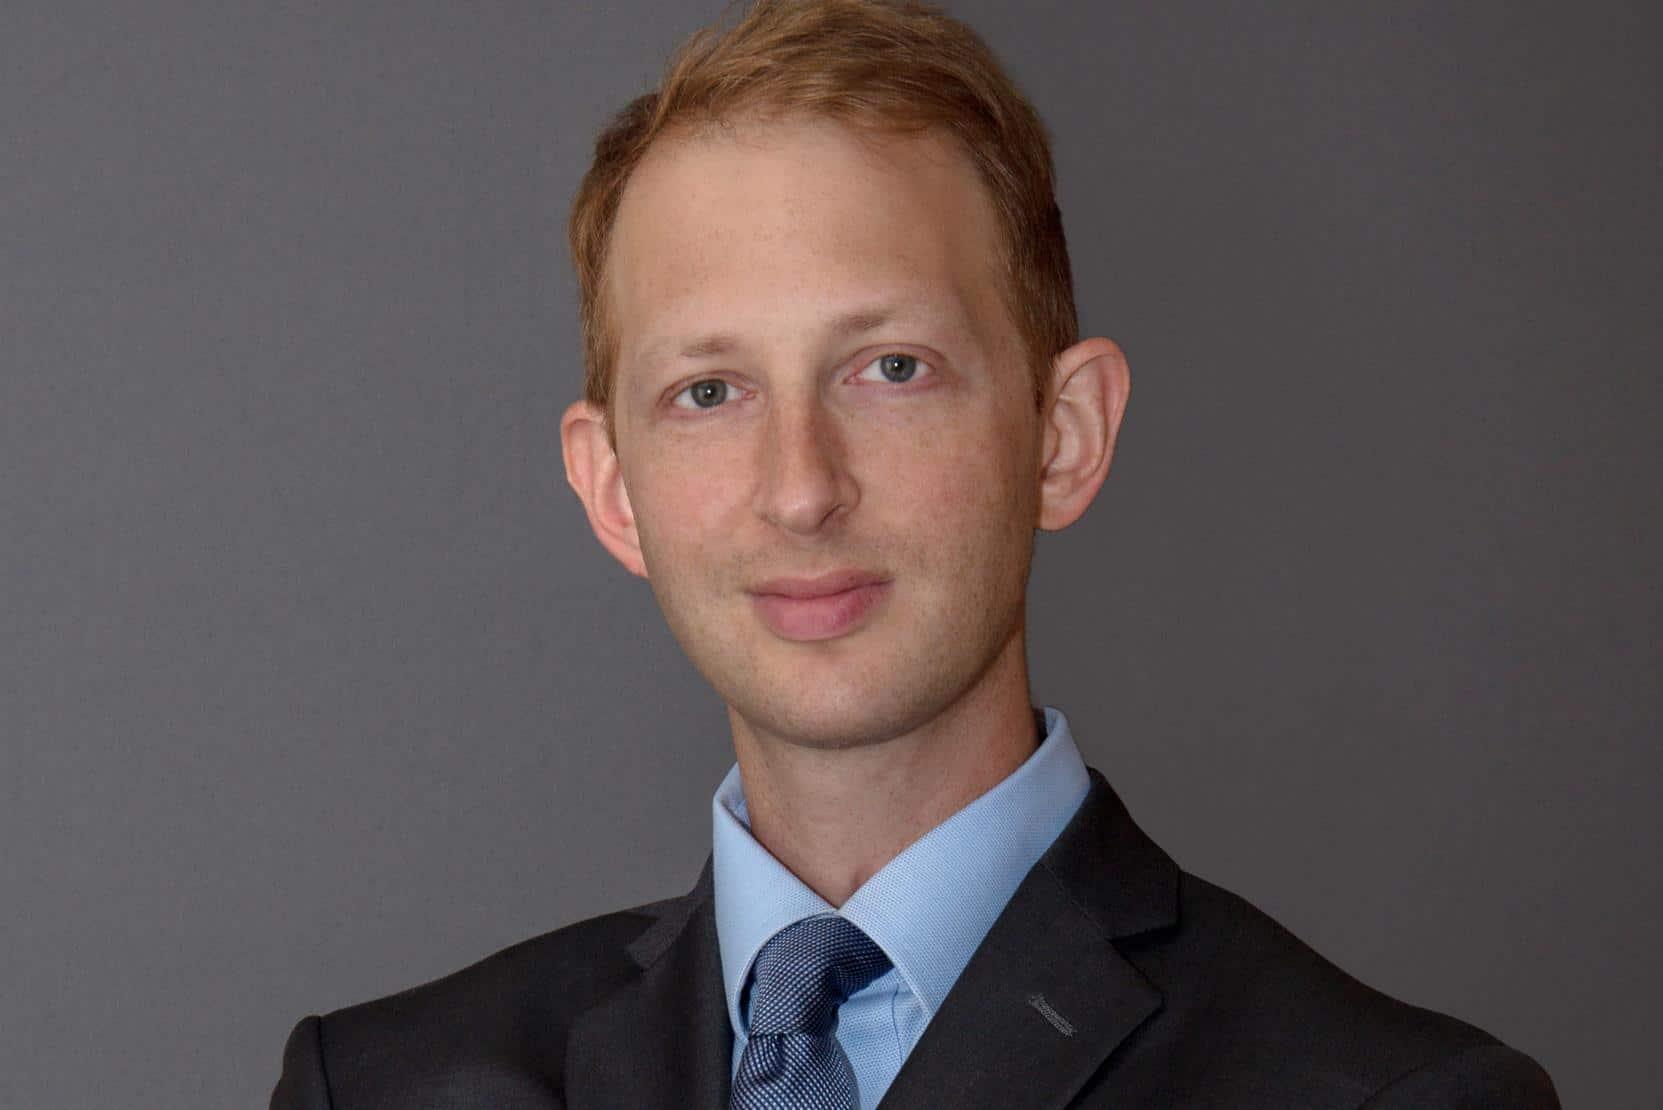 Jesse Hollander